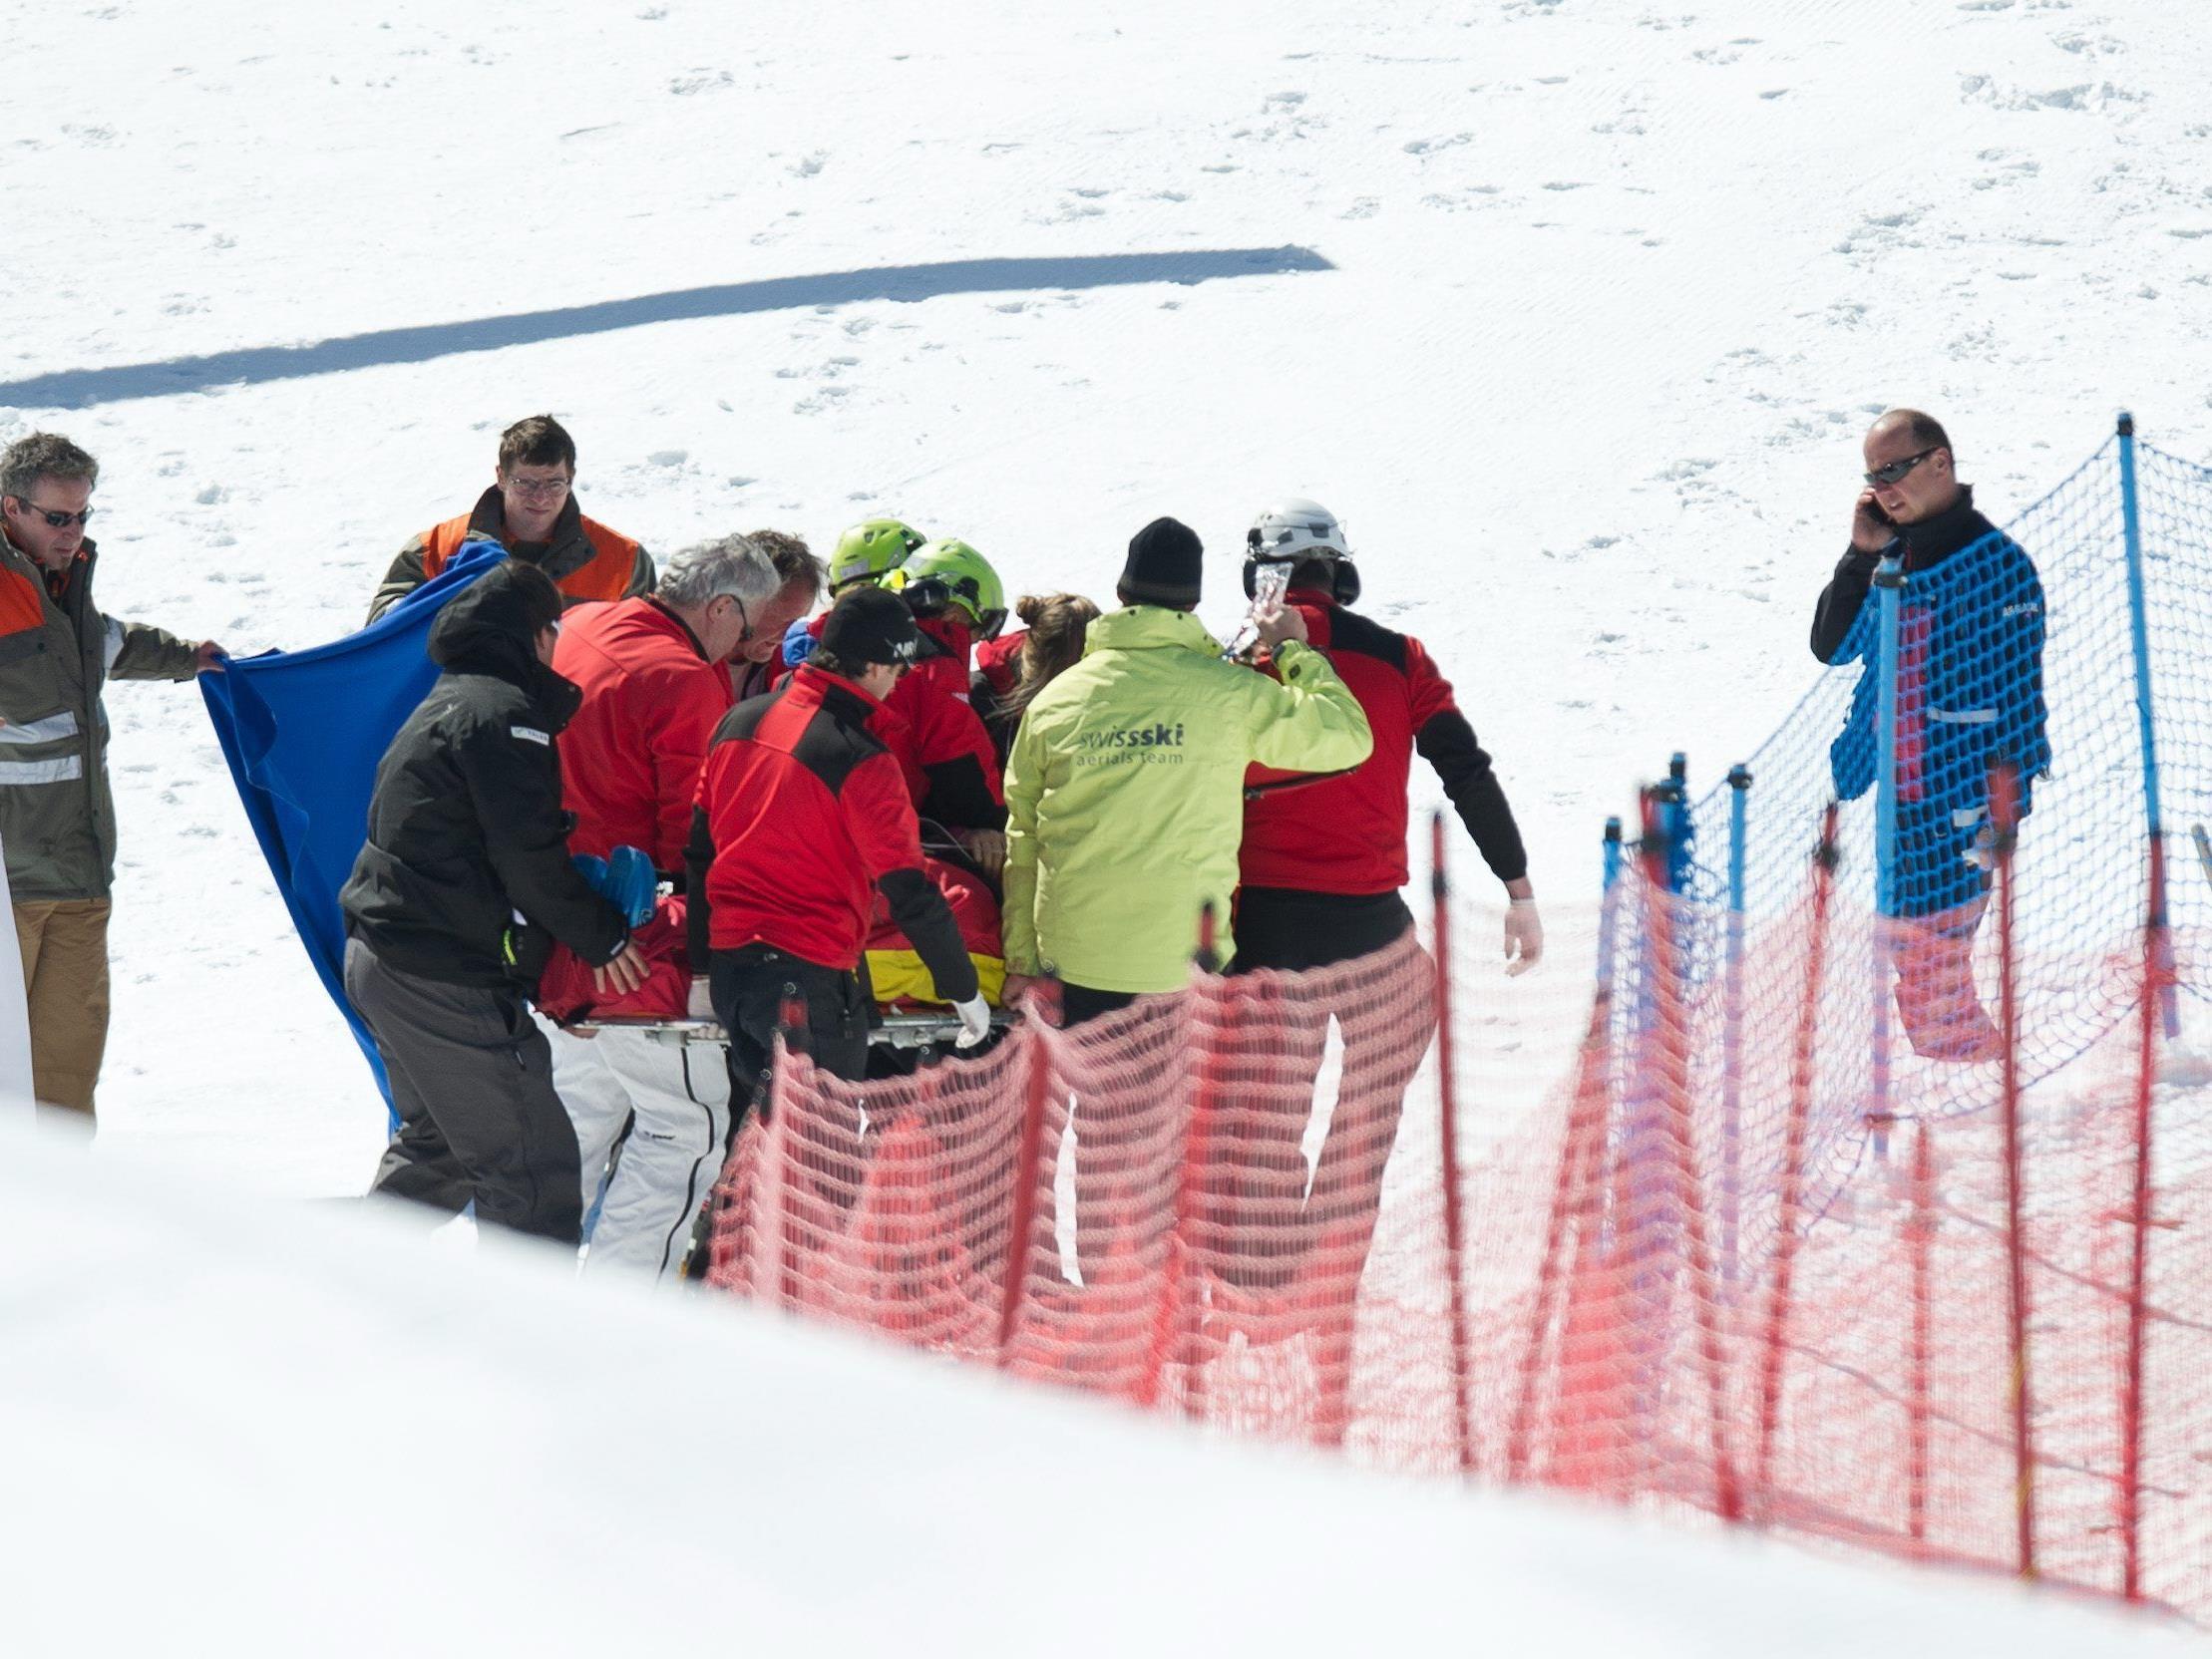 Skicrosser Zoricic wird nach dem Skicross-Rennen in Grindelwald schwer verletzt abtransportiert.